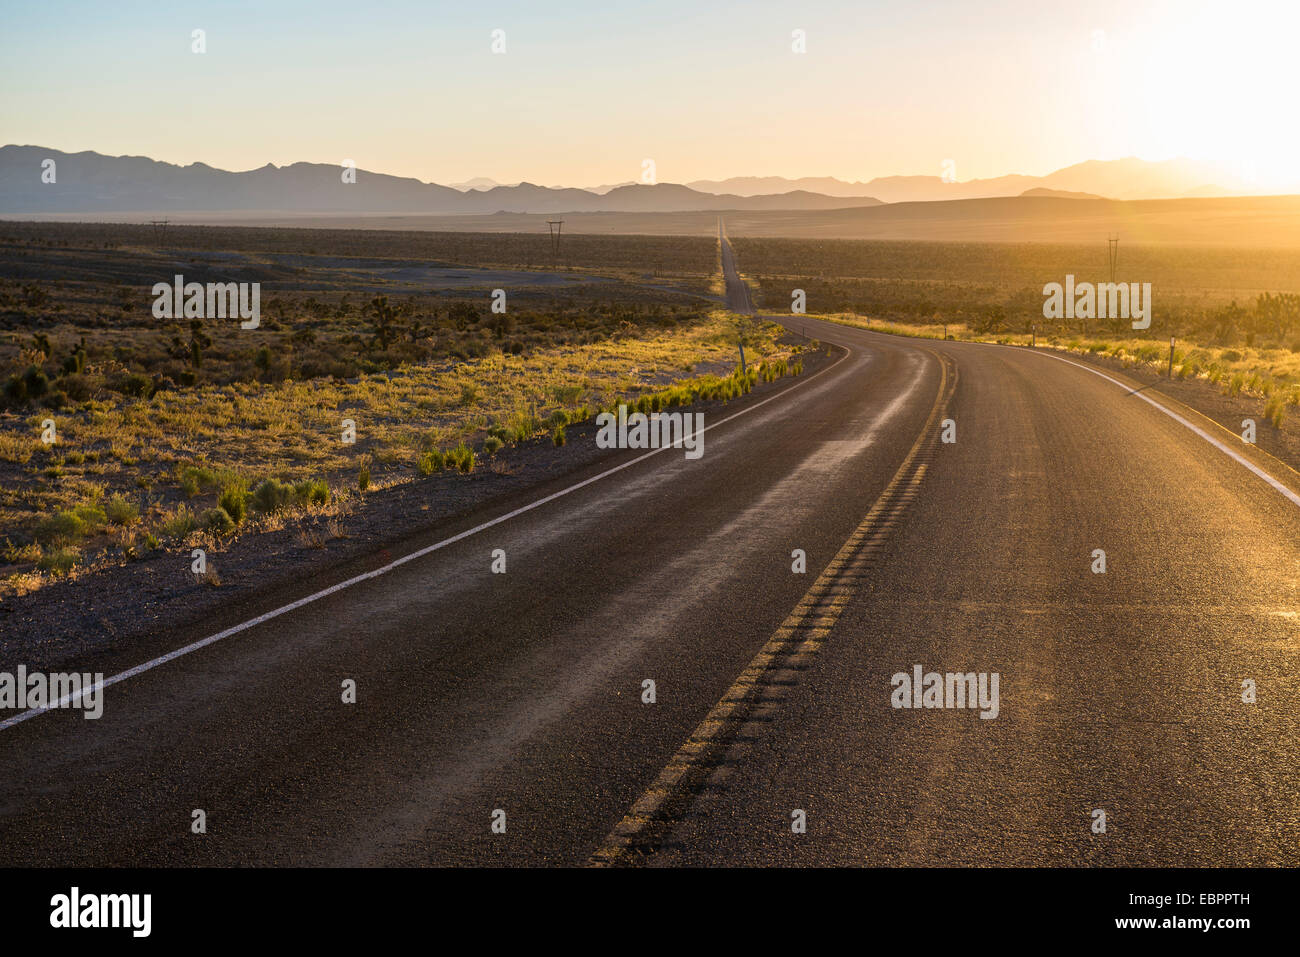 Lunga strada tortuosa al tramonto nella parte orientale del Nevada, Stati Uniti d'America, America del Nord Immagini Stock